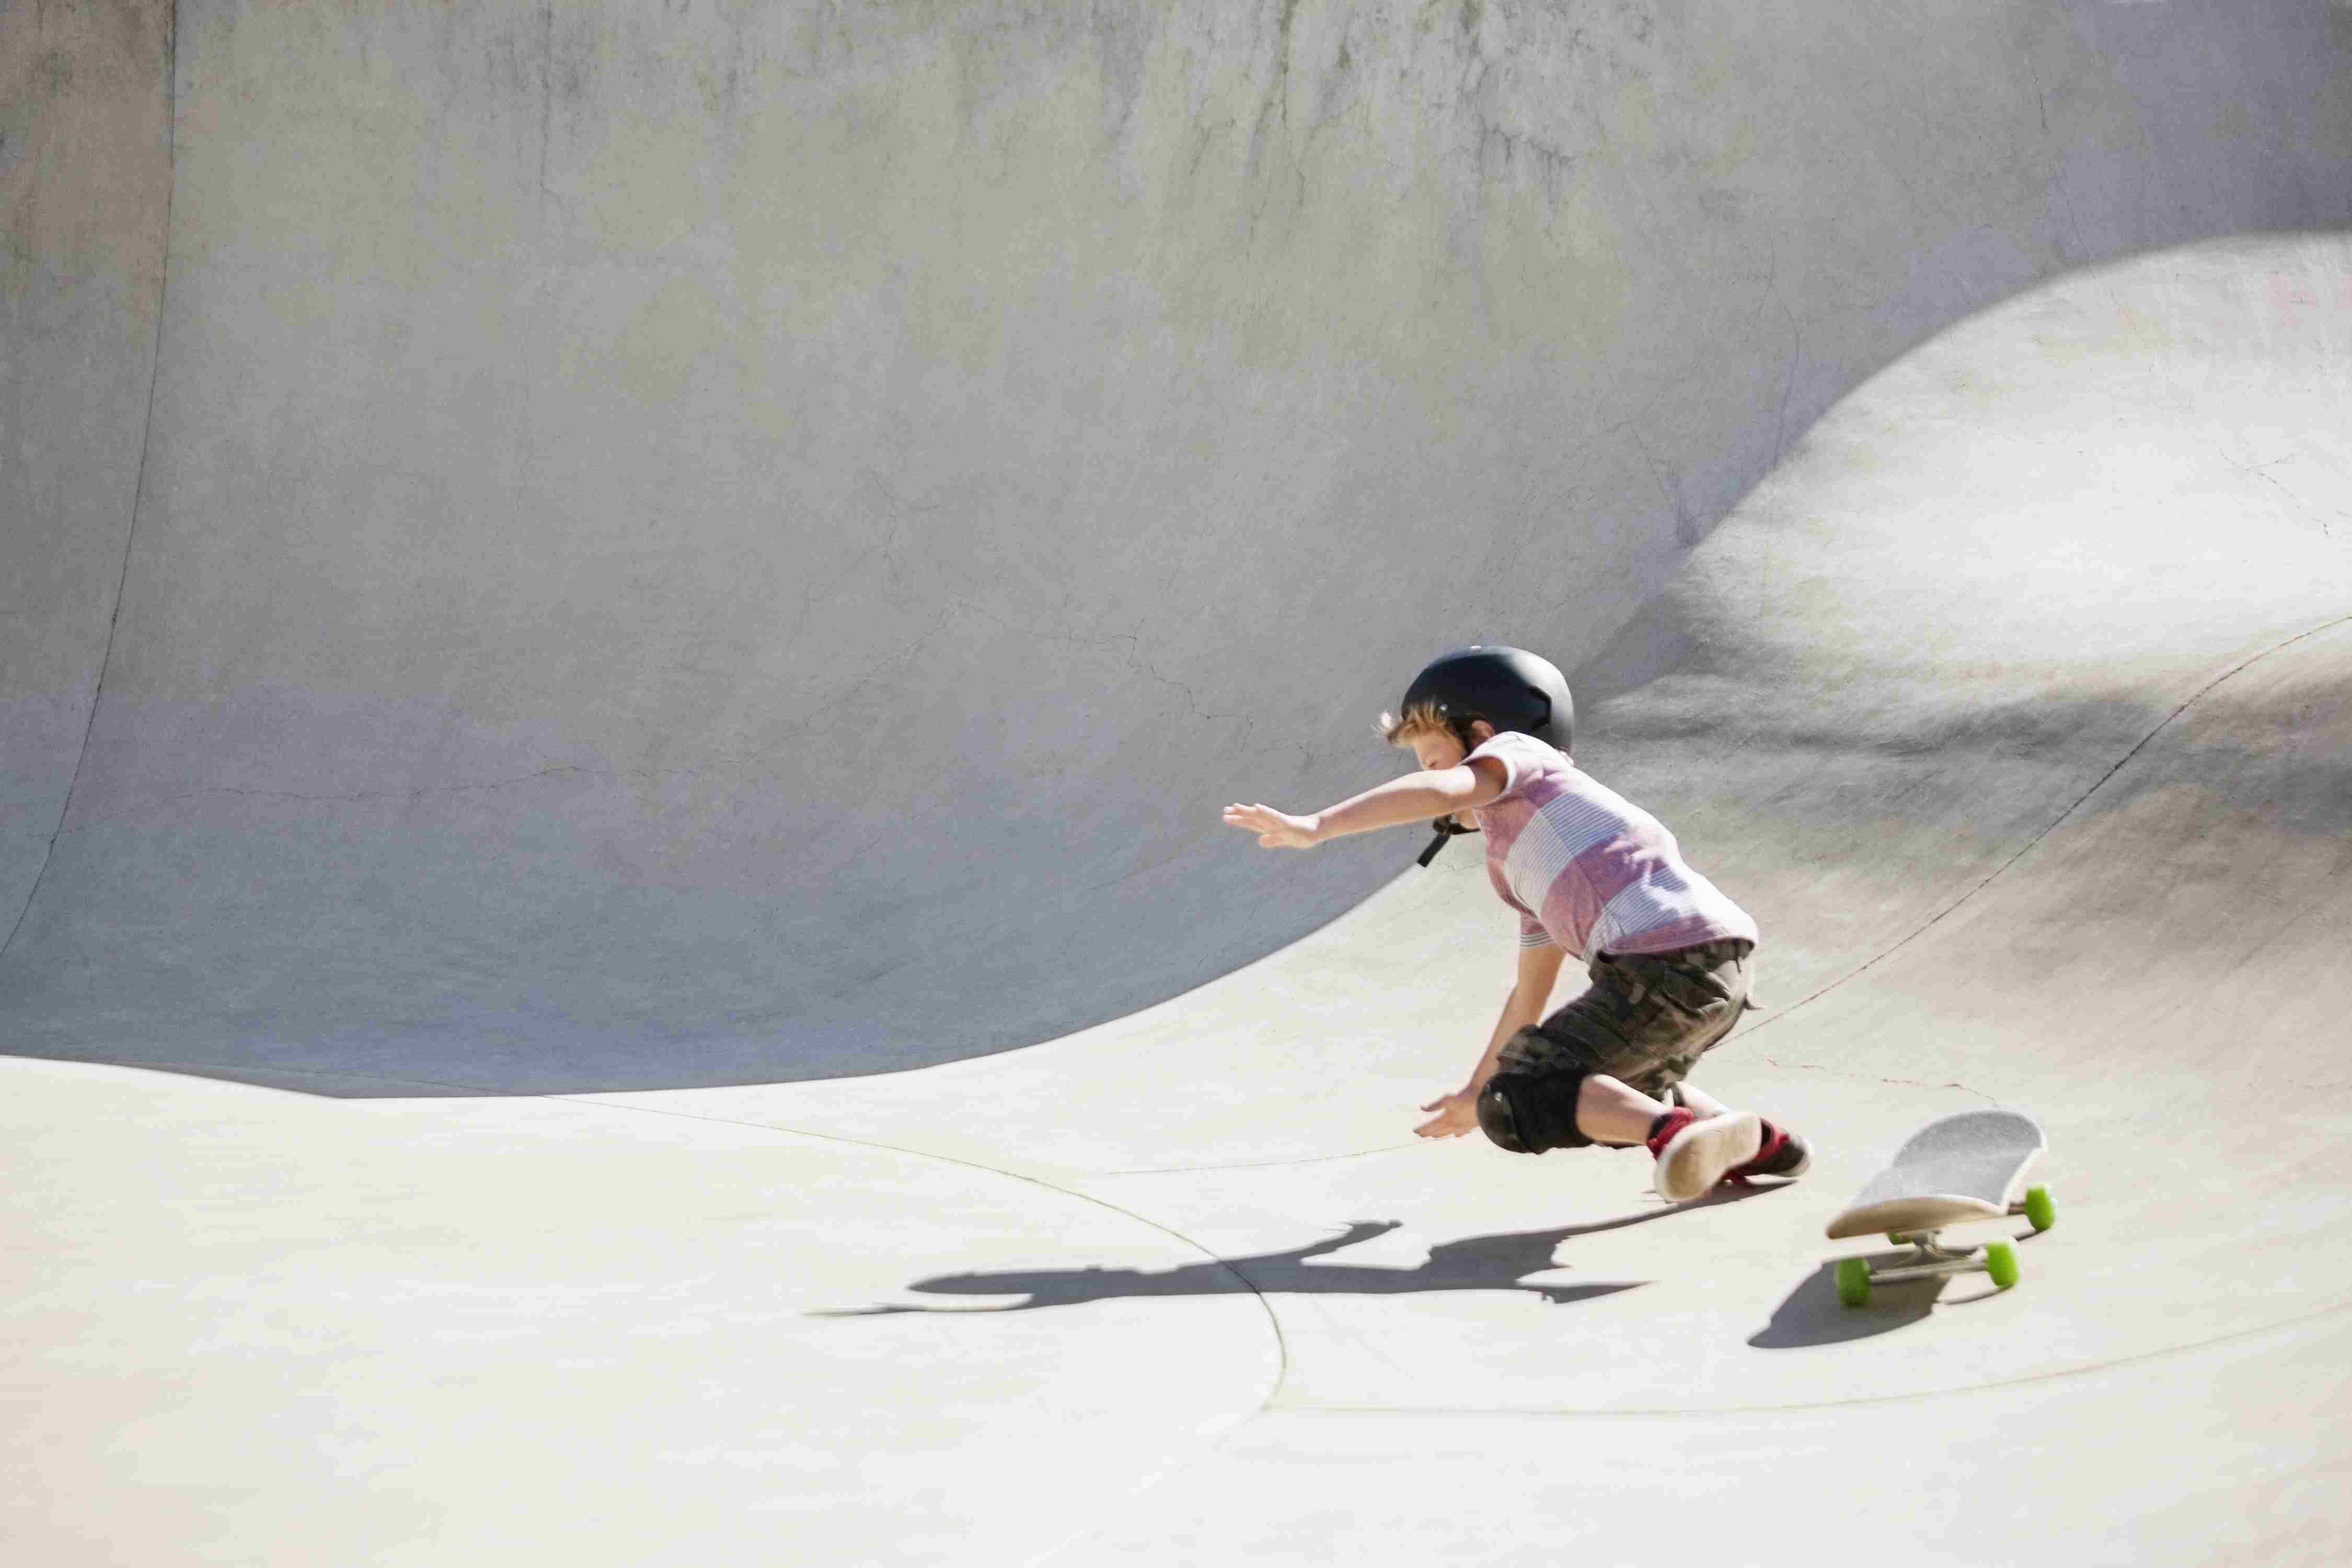 Boy falling on skateboard ramp